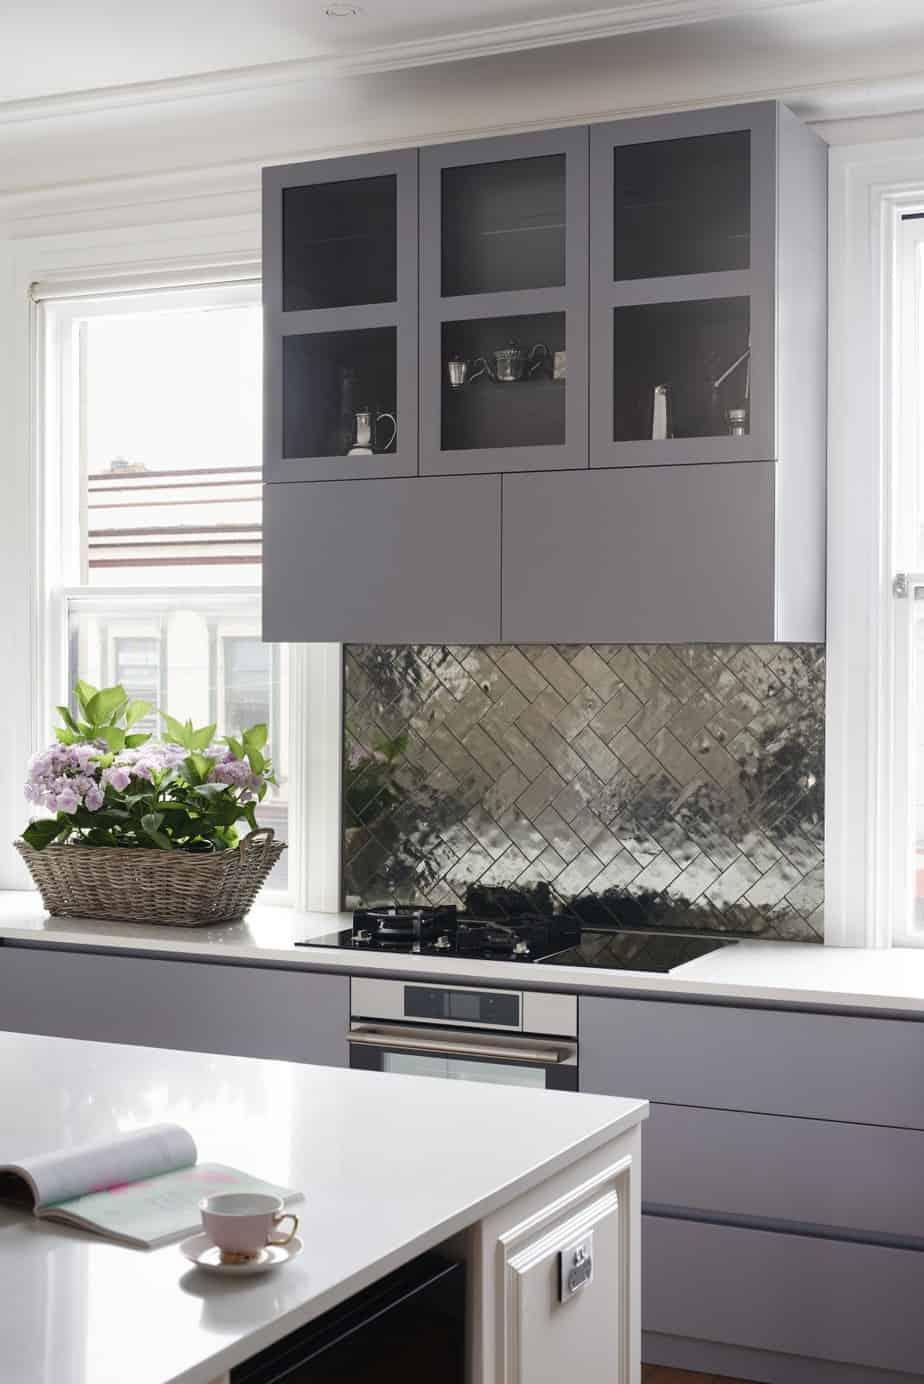 Design Your Own Kitchen: Expert's Own Kitchen Design Tips